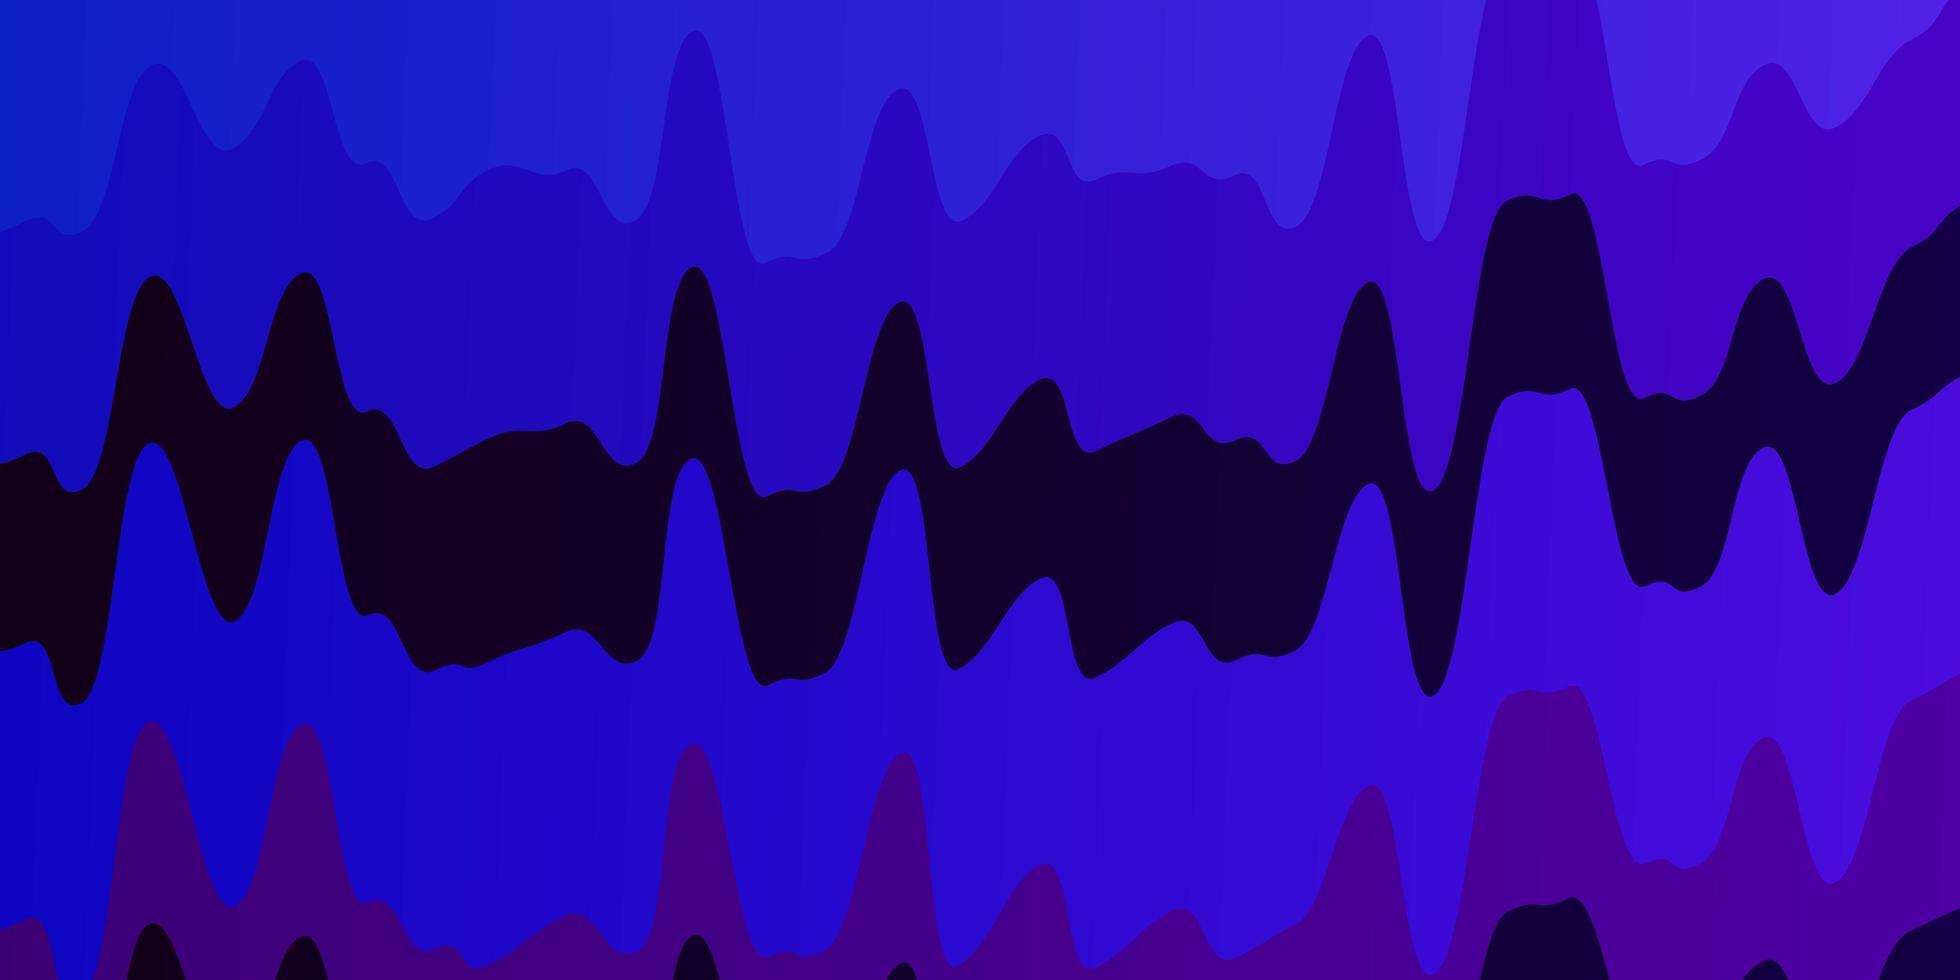 rosa scuro, fondale blu con arco circolare. vettore